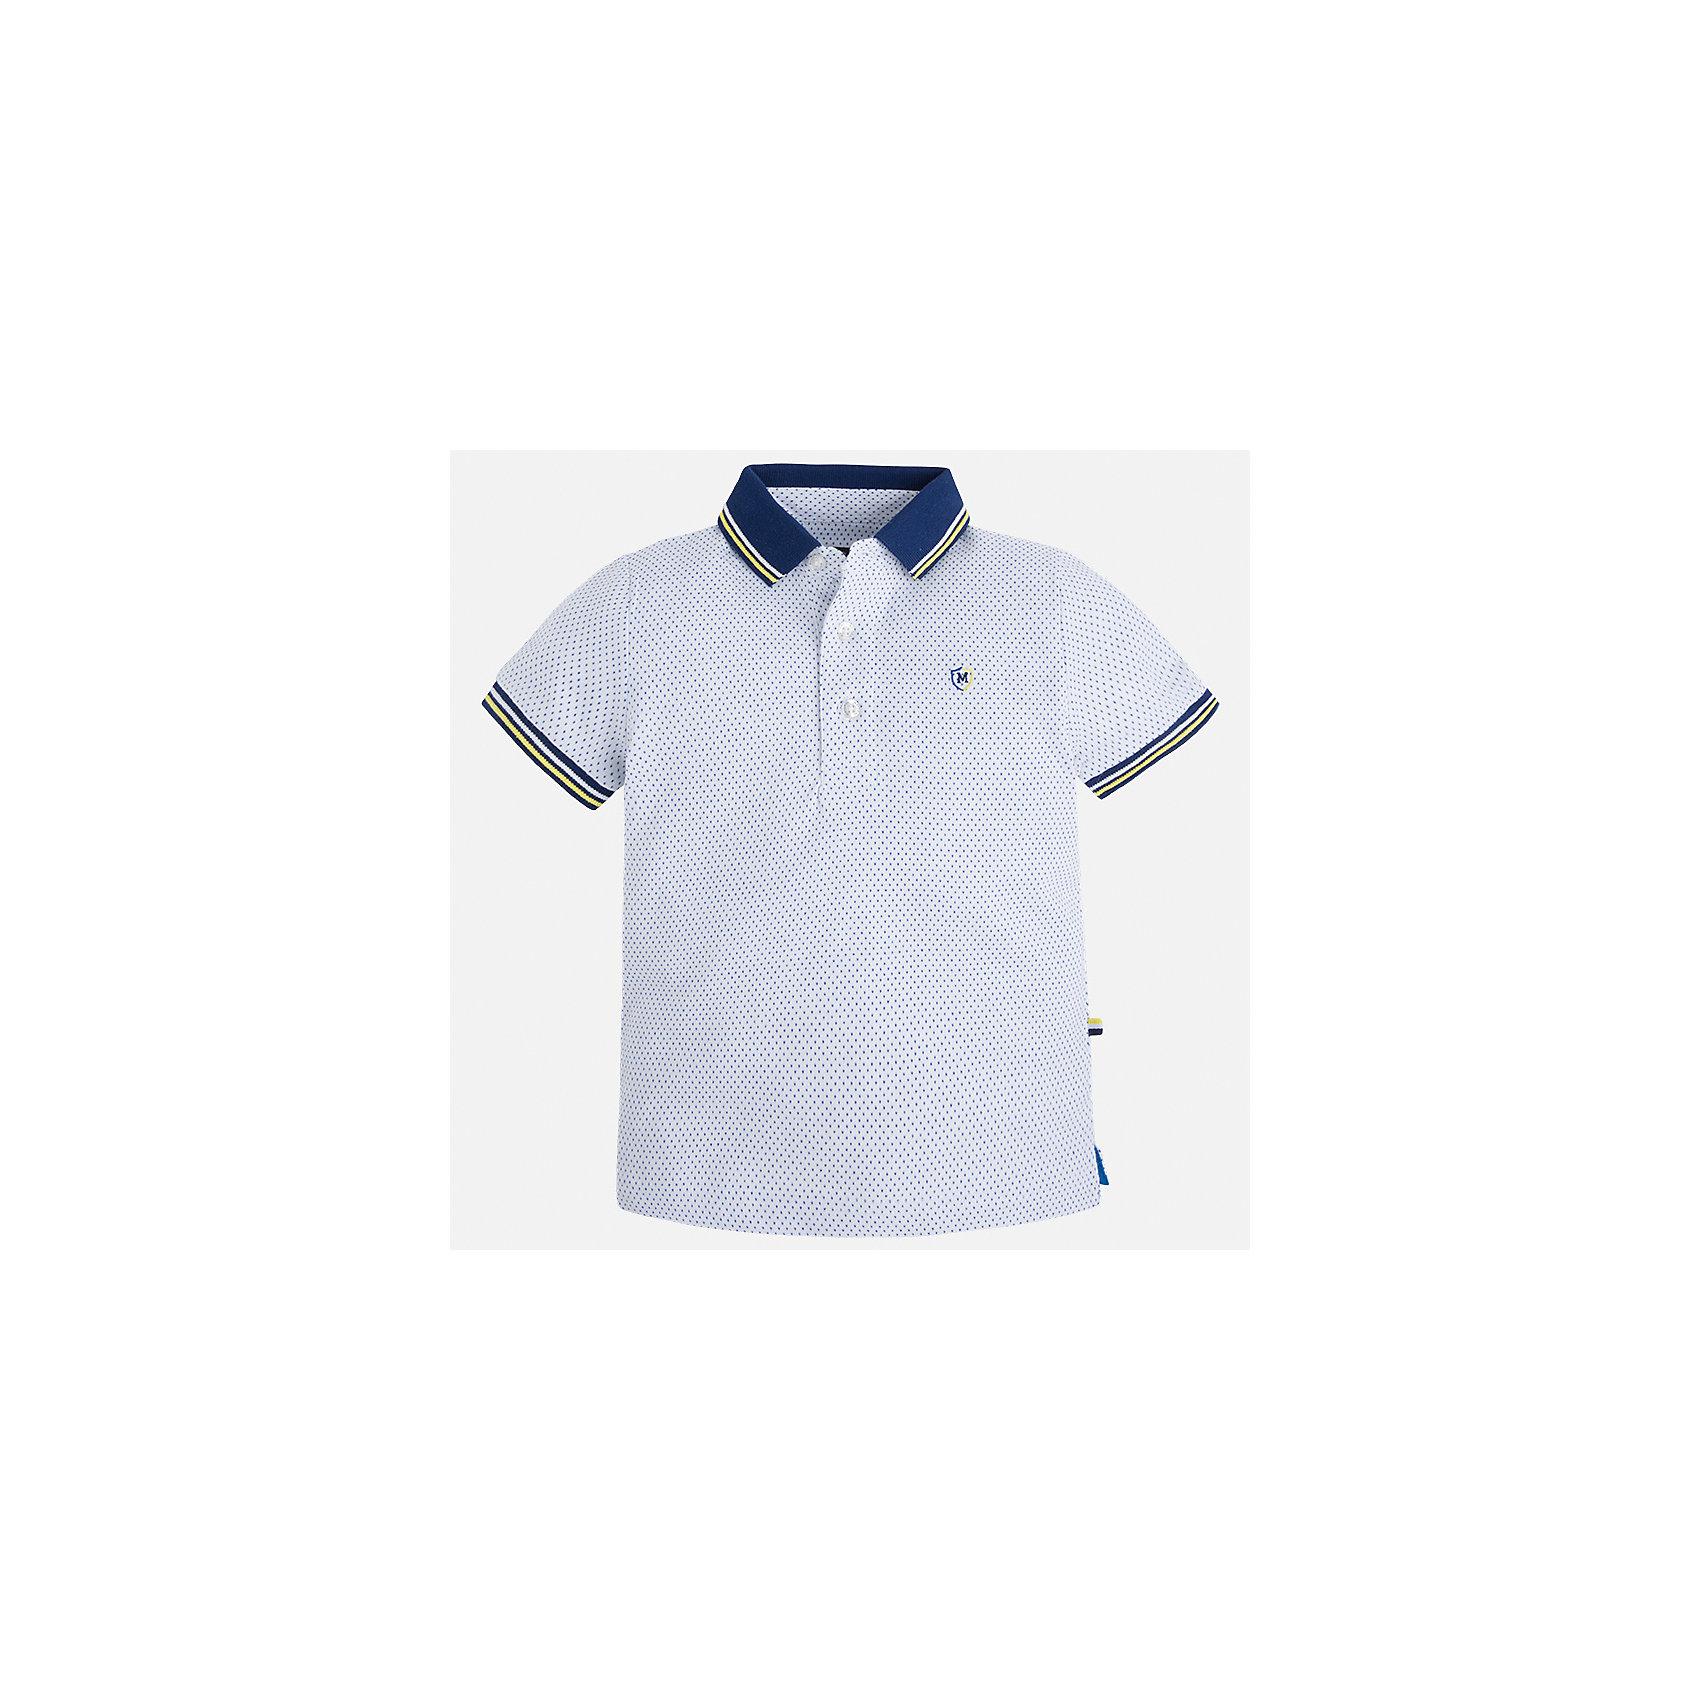 Футболка-поло для мальчика MayoralФутболки, поло и топы<br>Характеристики товара:<br><br>• цвет: белый<br>• состав: 100% хлопок<br>• отложной воротник<br>• короткие рукава<br>• застежка: пуговицы<br>• декорирована вышивкой<br>• страна бренда: Испания<br><br>Модная футболка-поло для мальчика может стать базовой вещью в гардеробе ребенка. Она отлично сочетается с брюками, шортами, джинсами и т.д. Универсальный крой и цвет позволяет подобрать к вещи низ разных расцветок. Практичное и стильное изделие! В составе материала - только натуральный хлопок, гипоаллергенный, приятный на ощупь, дышащий.<br><br>Одежда, обувь и аксессуары от испанского бренда Mayoral полюбились детям и взрослым по всему миру. Модели этой марки - стильные и удобные. Для их производства используются только безопасные, качественные материалы и фурнитура. Порадуйте ребенка модными и красивыми вещами от Mayoral! <br><br>Футболку-поло для мальчика от испанского бренда Mayoral (Майорал) можно купить в нашем интернет-магазине.<br><br>Ширина мм: 199<br>Глубина мм: 10<br>Высота мм: 161<br>Вес г: 151<br>Цвет: белый<br>Возраст от месяцев: 72<br>Возраст до месяцев: 84<br>Пол: Мужской<br>Возраст: Детский<br>Размер: 122,110,128,92,98,134,104,116<br>SKU: 5271859